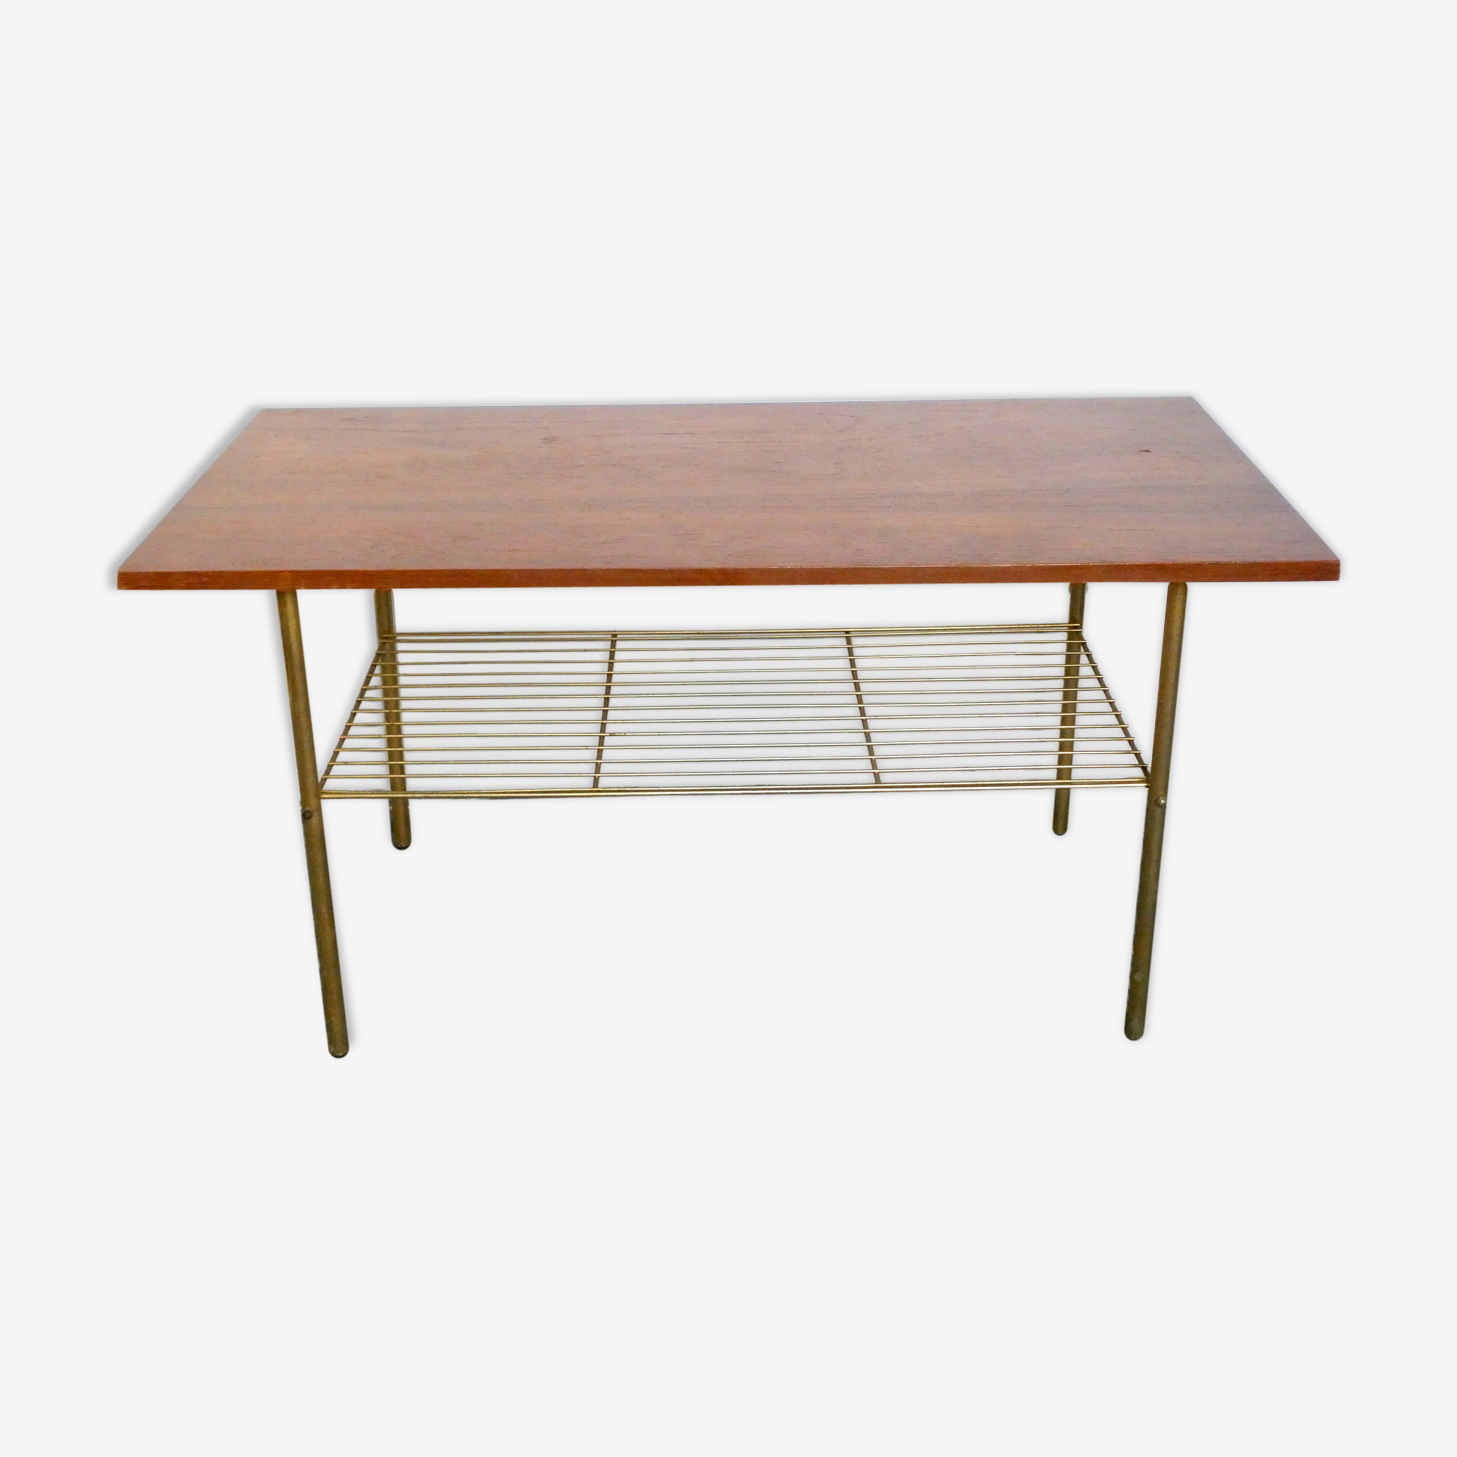 Table basse en bois et métal doré des années 60